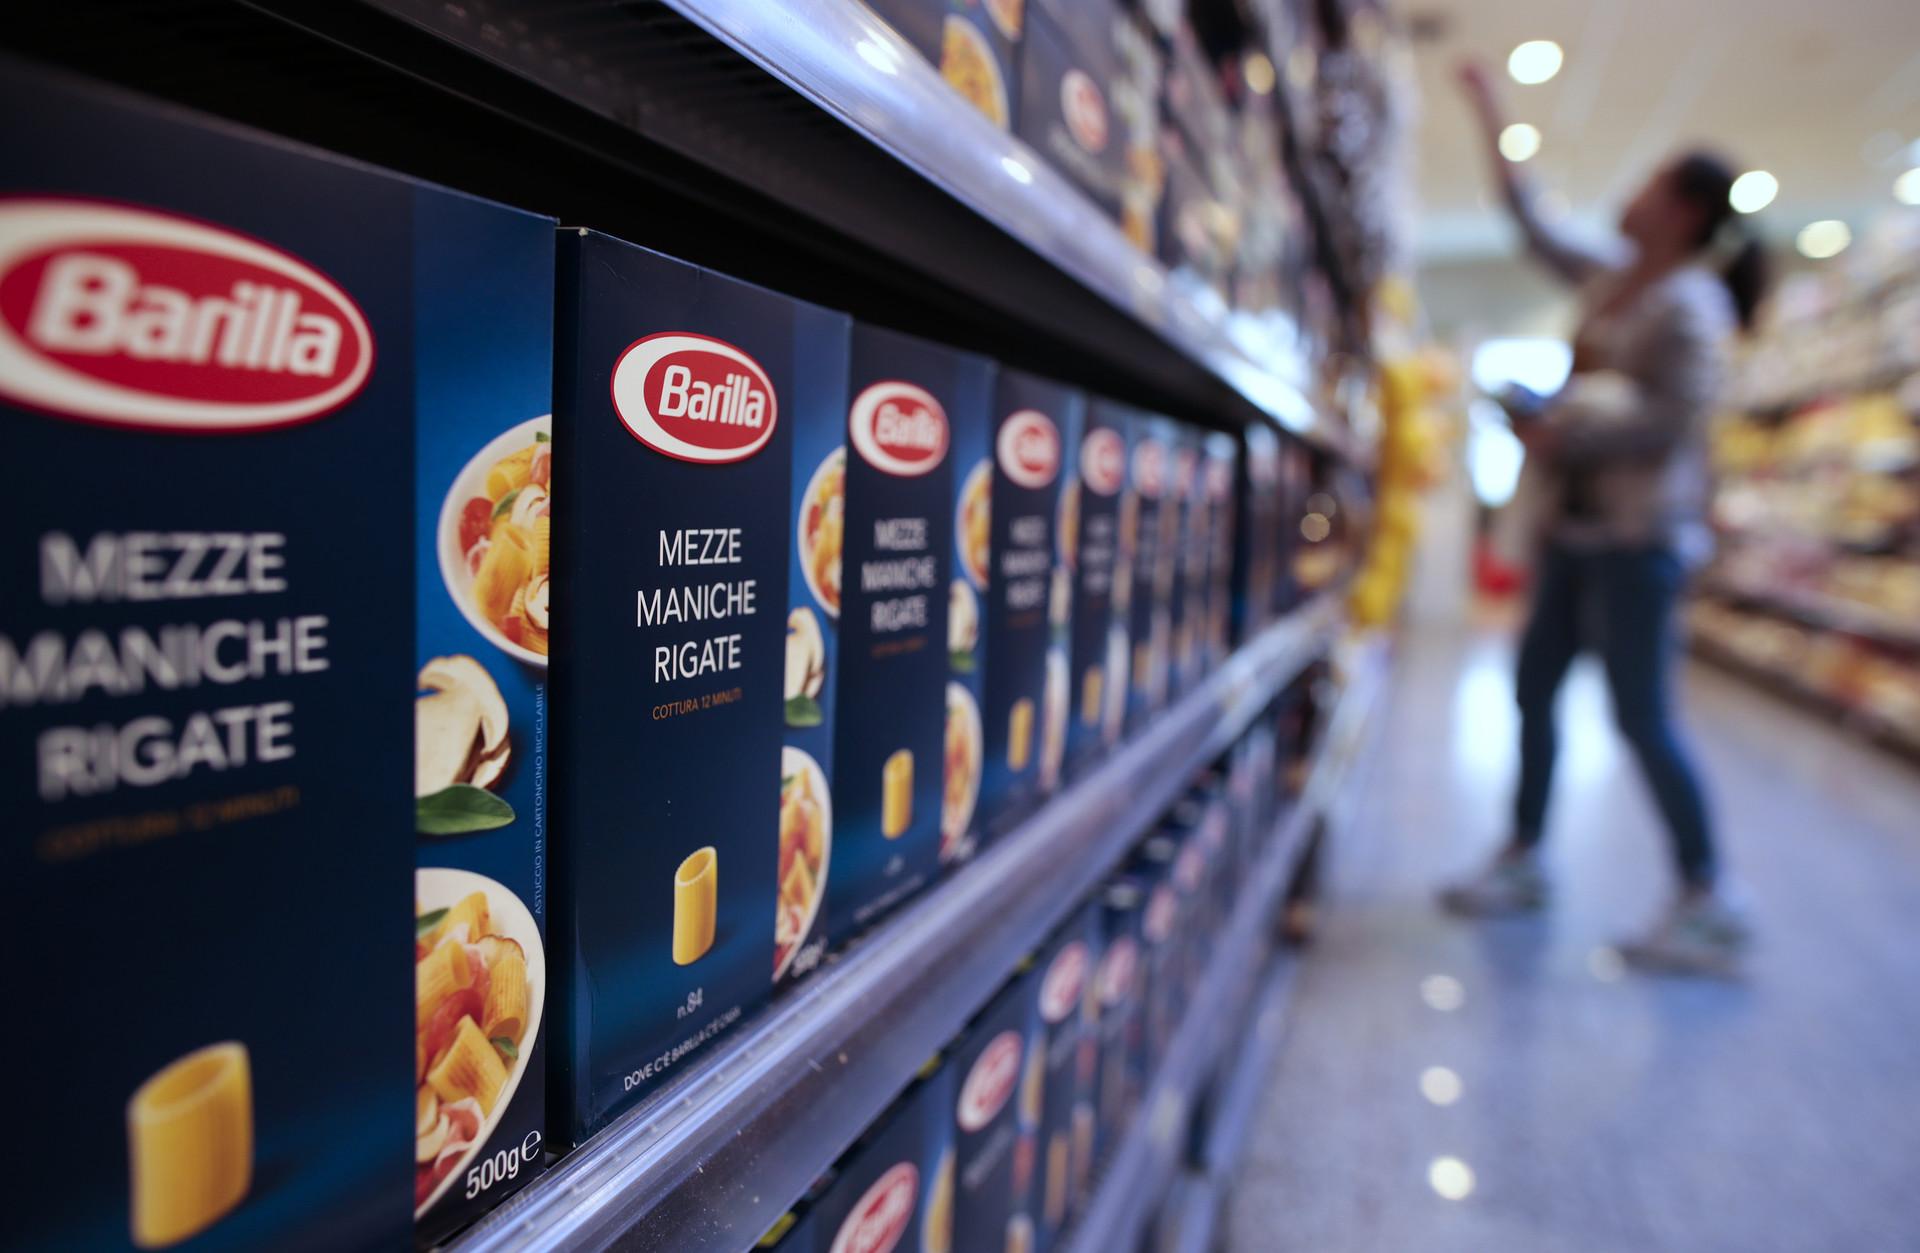 Oltre il 35% delle imprese italiane è stato costretto ad annullare la consegna ai propri clienti in Russia